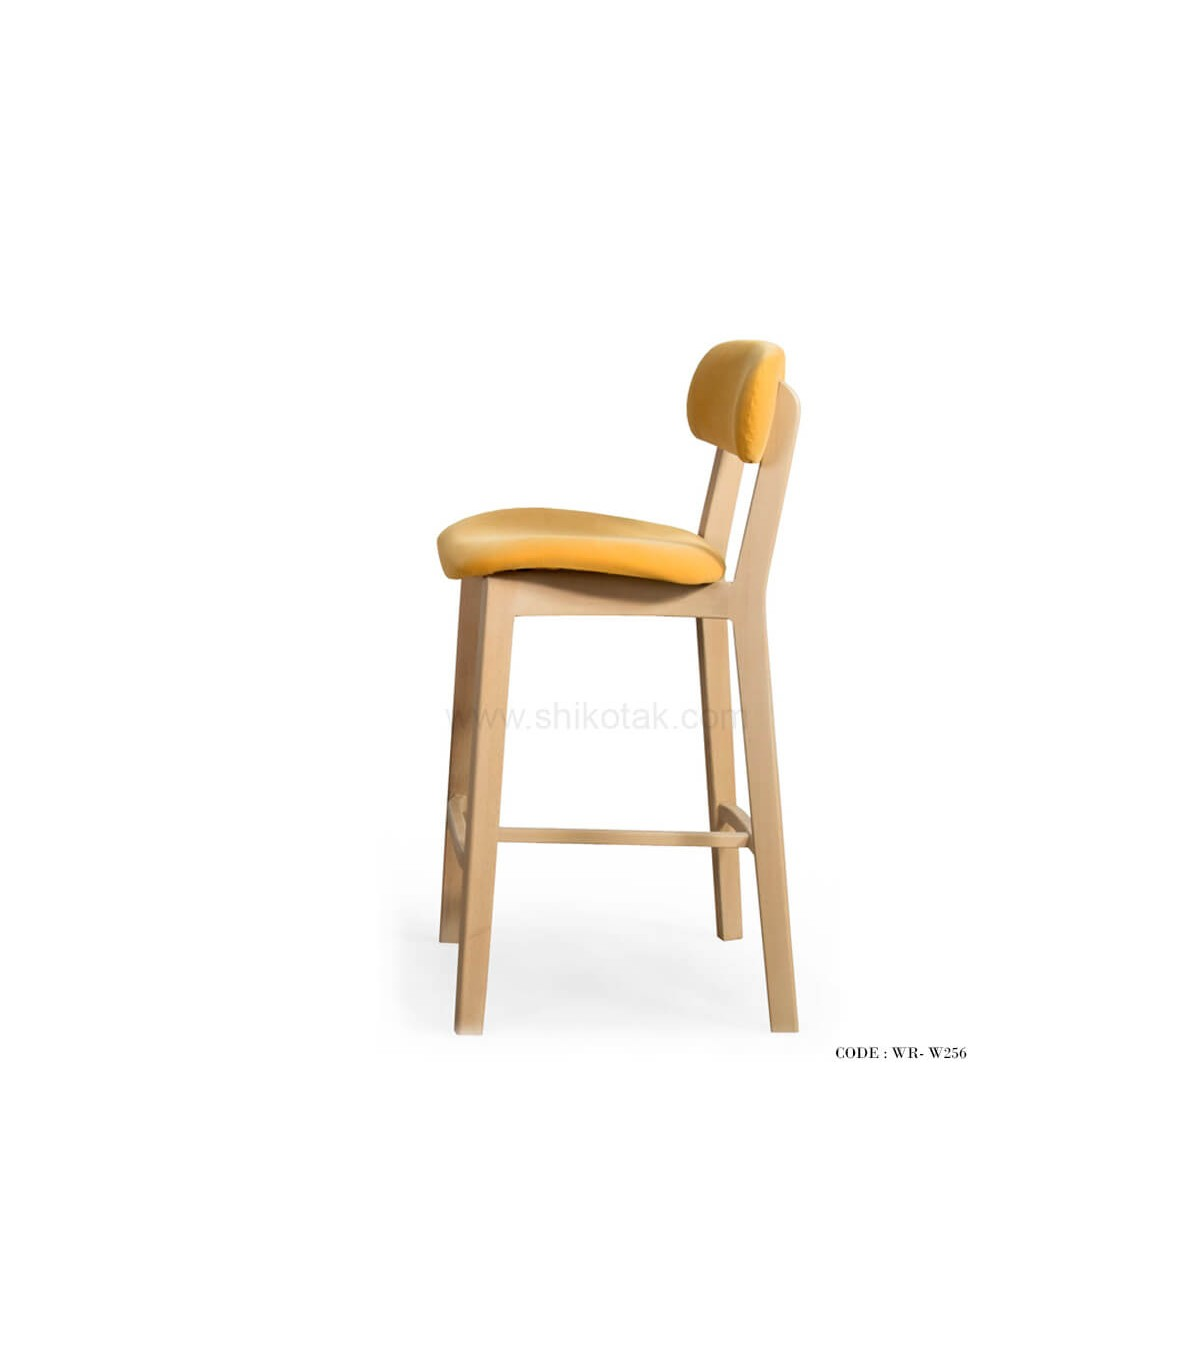 عکس صندلی اپن بدون دسته رنزو مدل 256